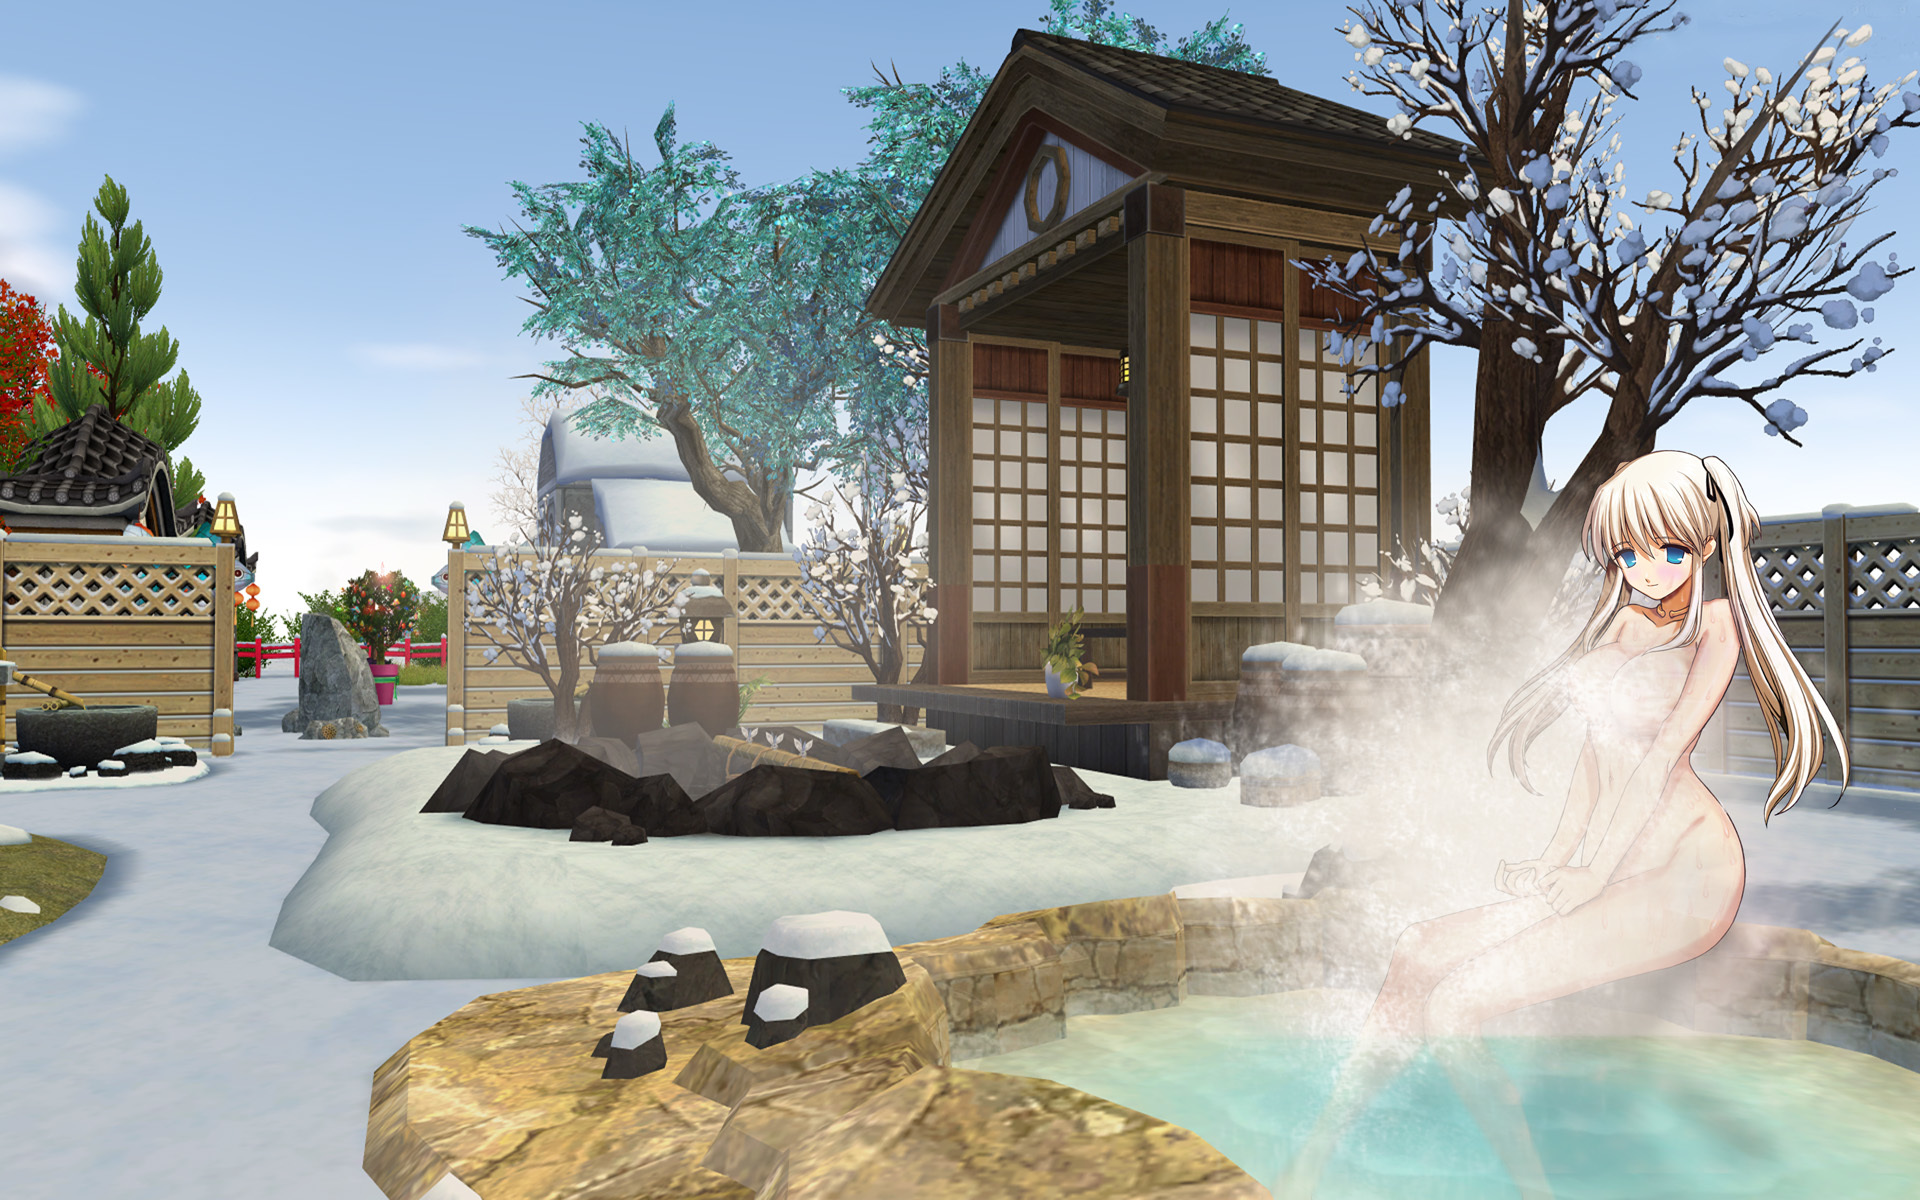 ナオの温泉・2